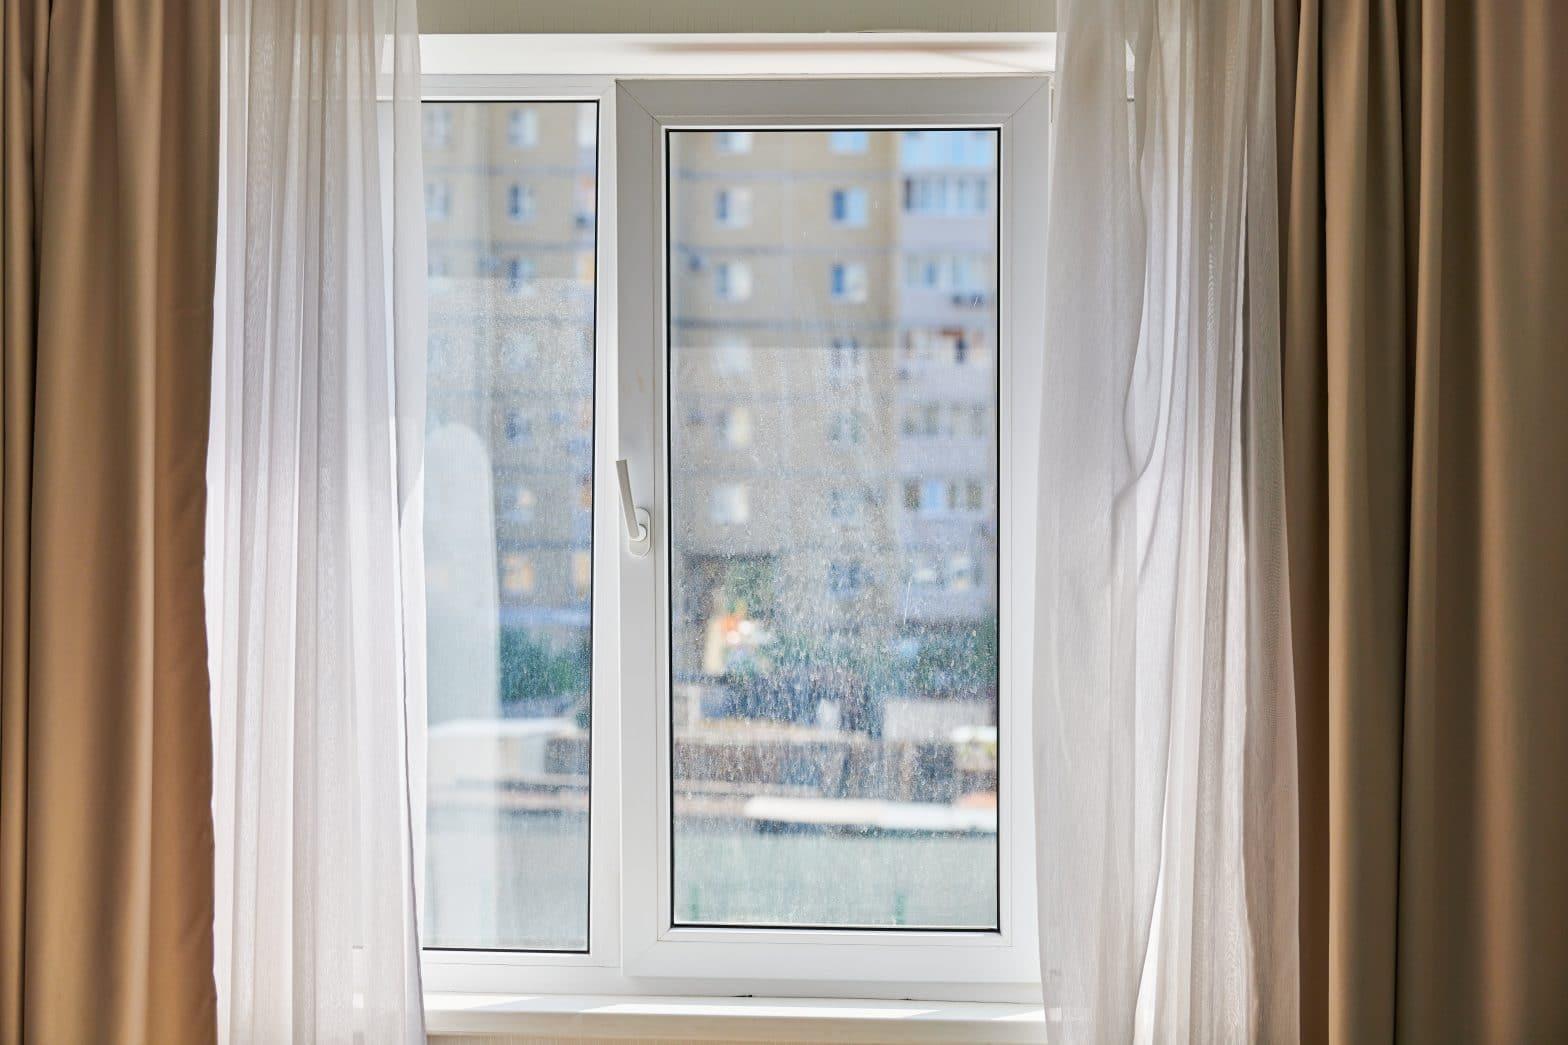 Cuánto cuestan las ventanas de una casa